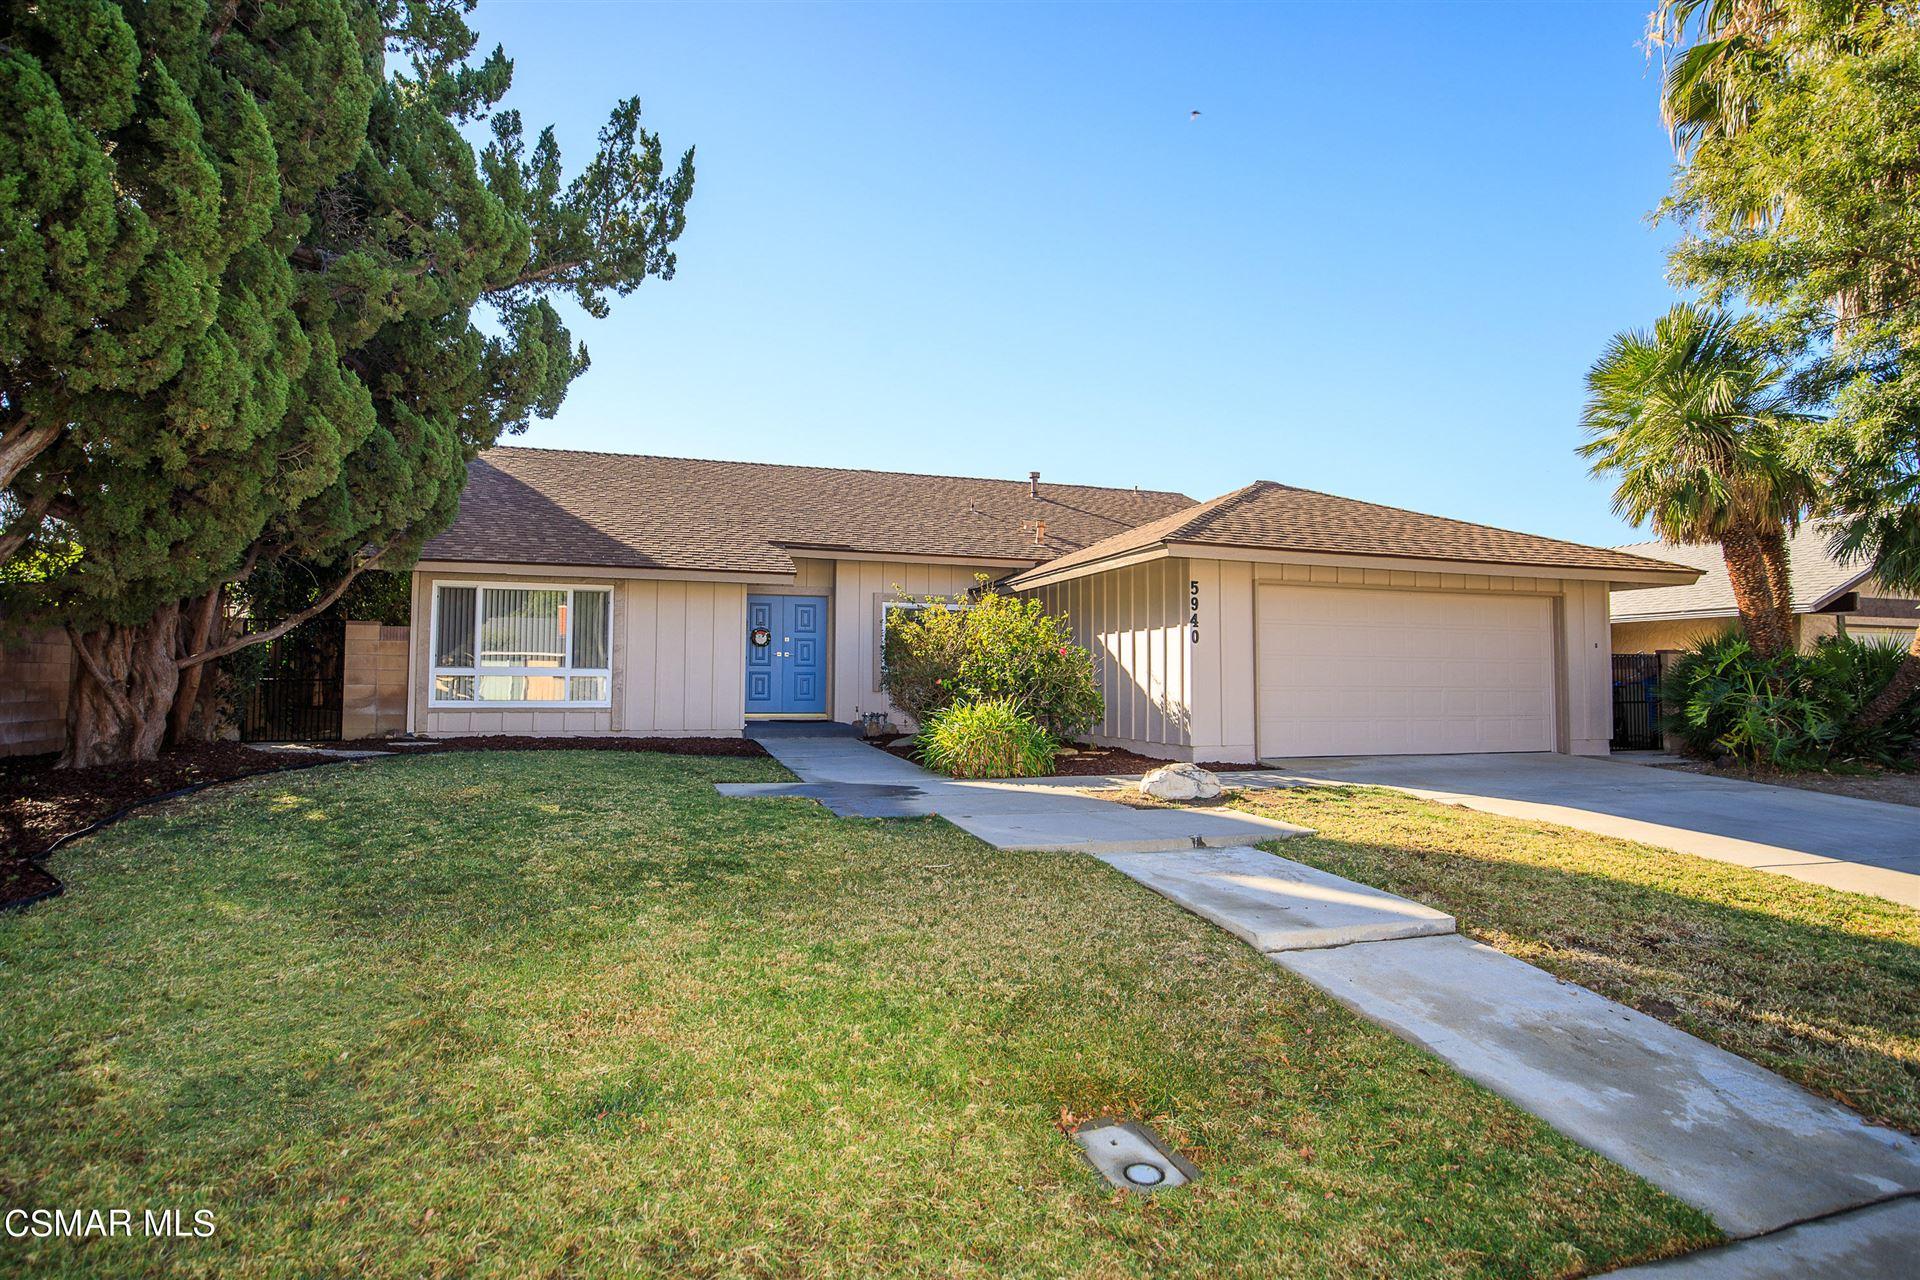 5940 E Malton Avenue, Simi Valley, CA 93063 - MLS#: 220011449